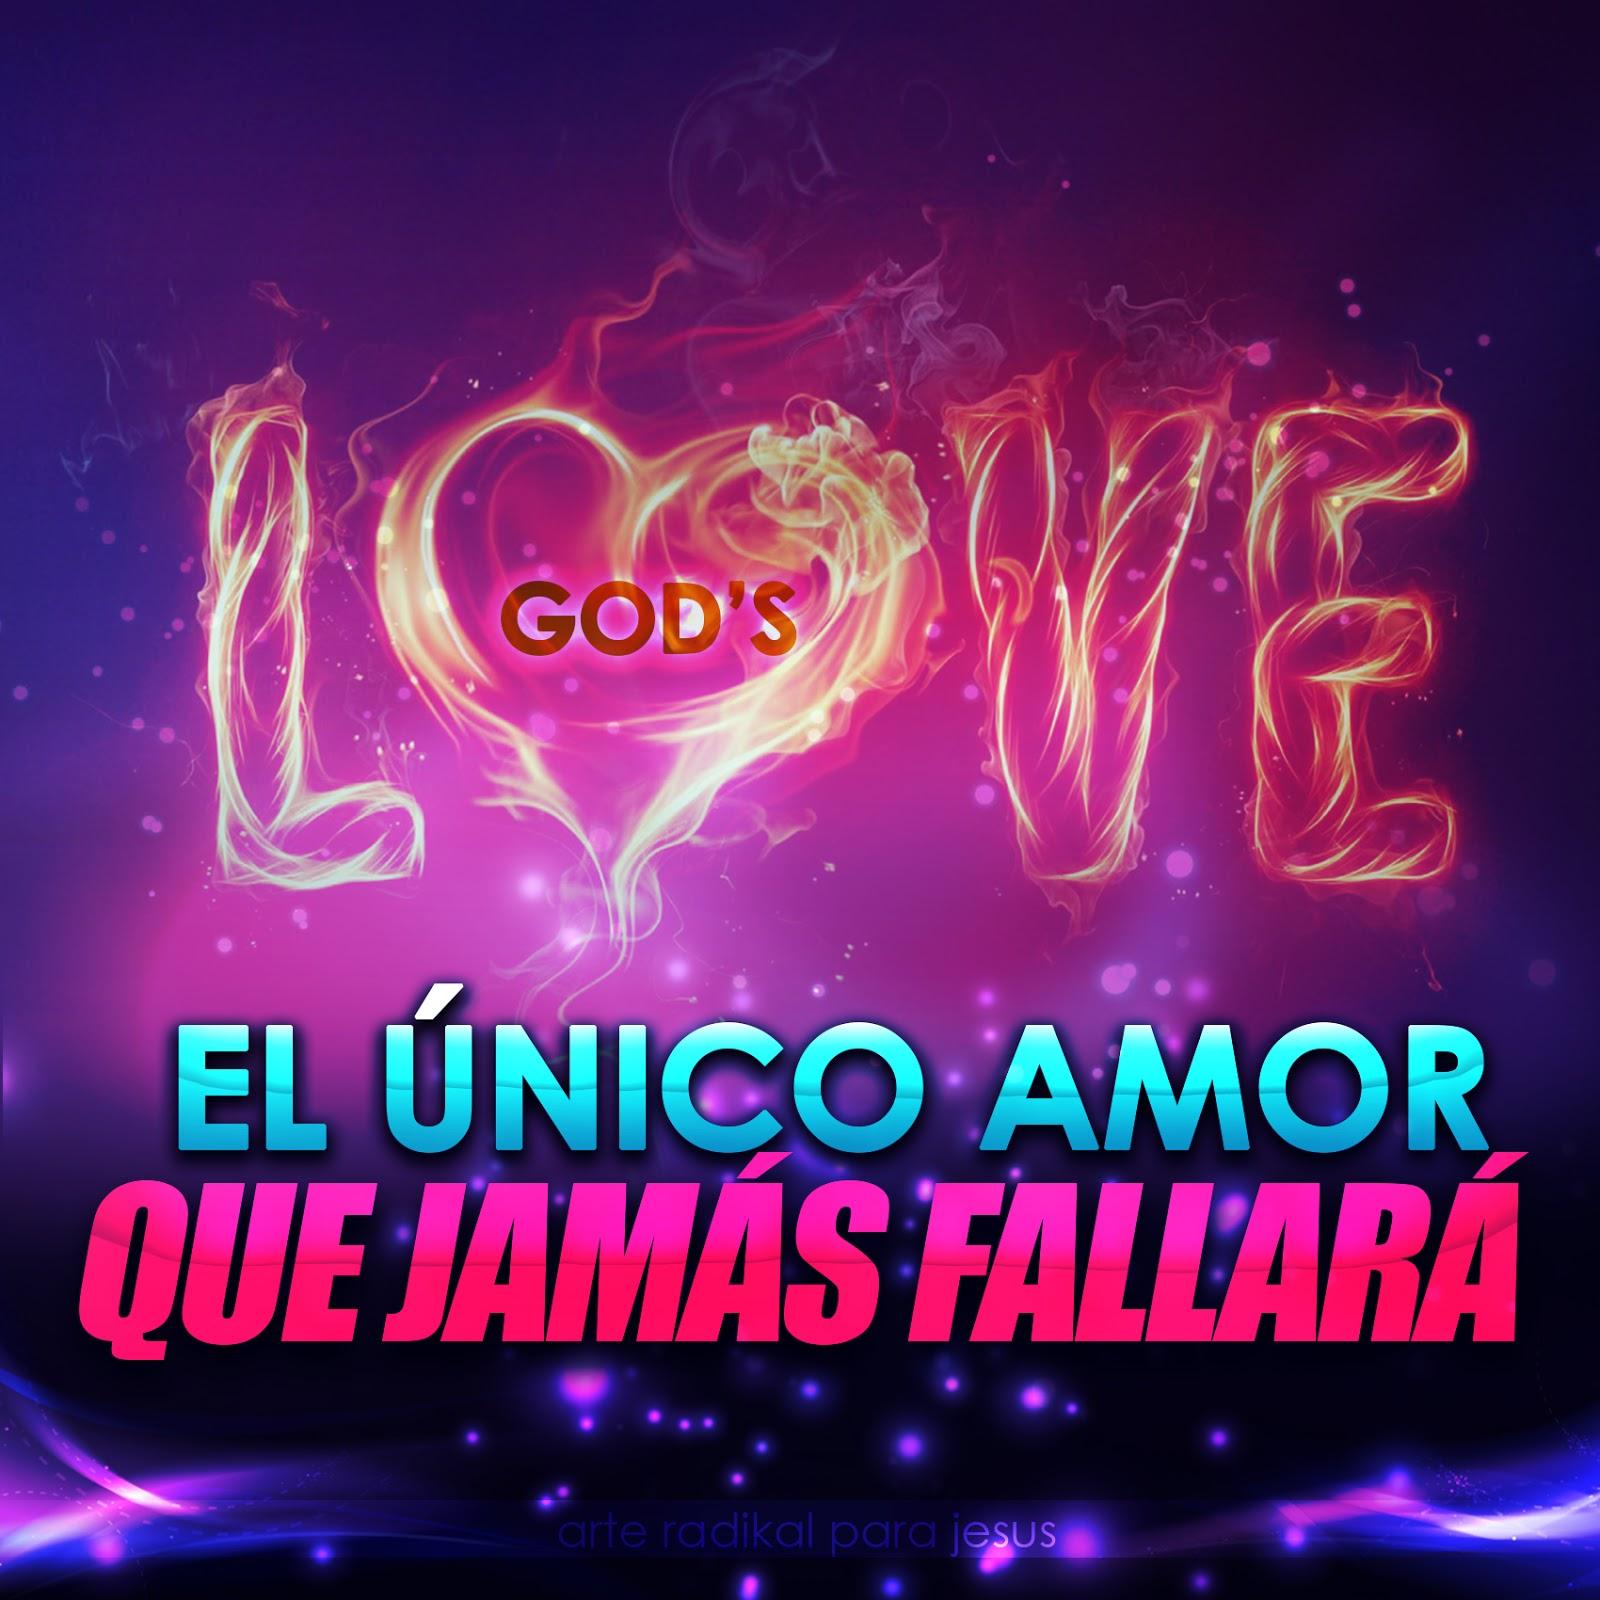 Imagen GIF con mensaje de Dios para pareja de enamorados - Imagenes De Amor Con Dios